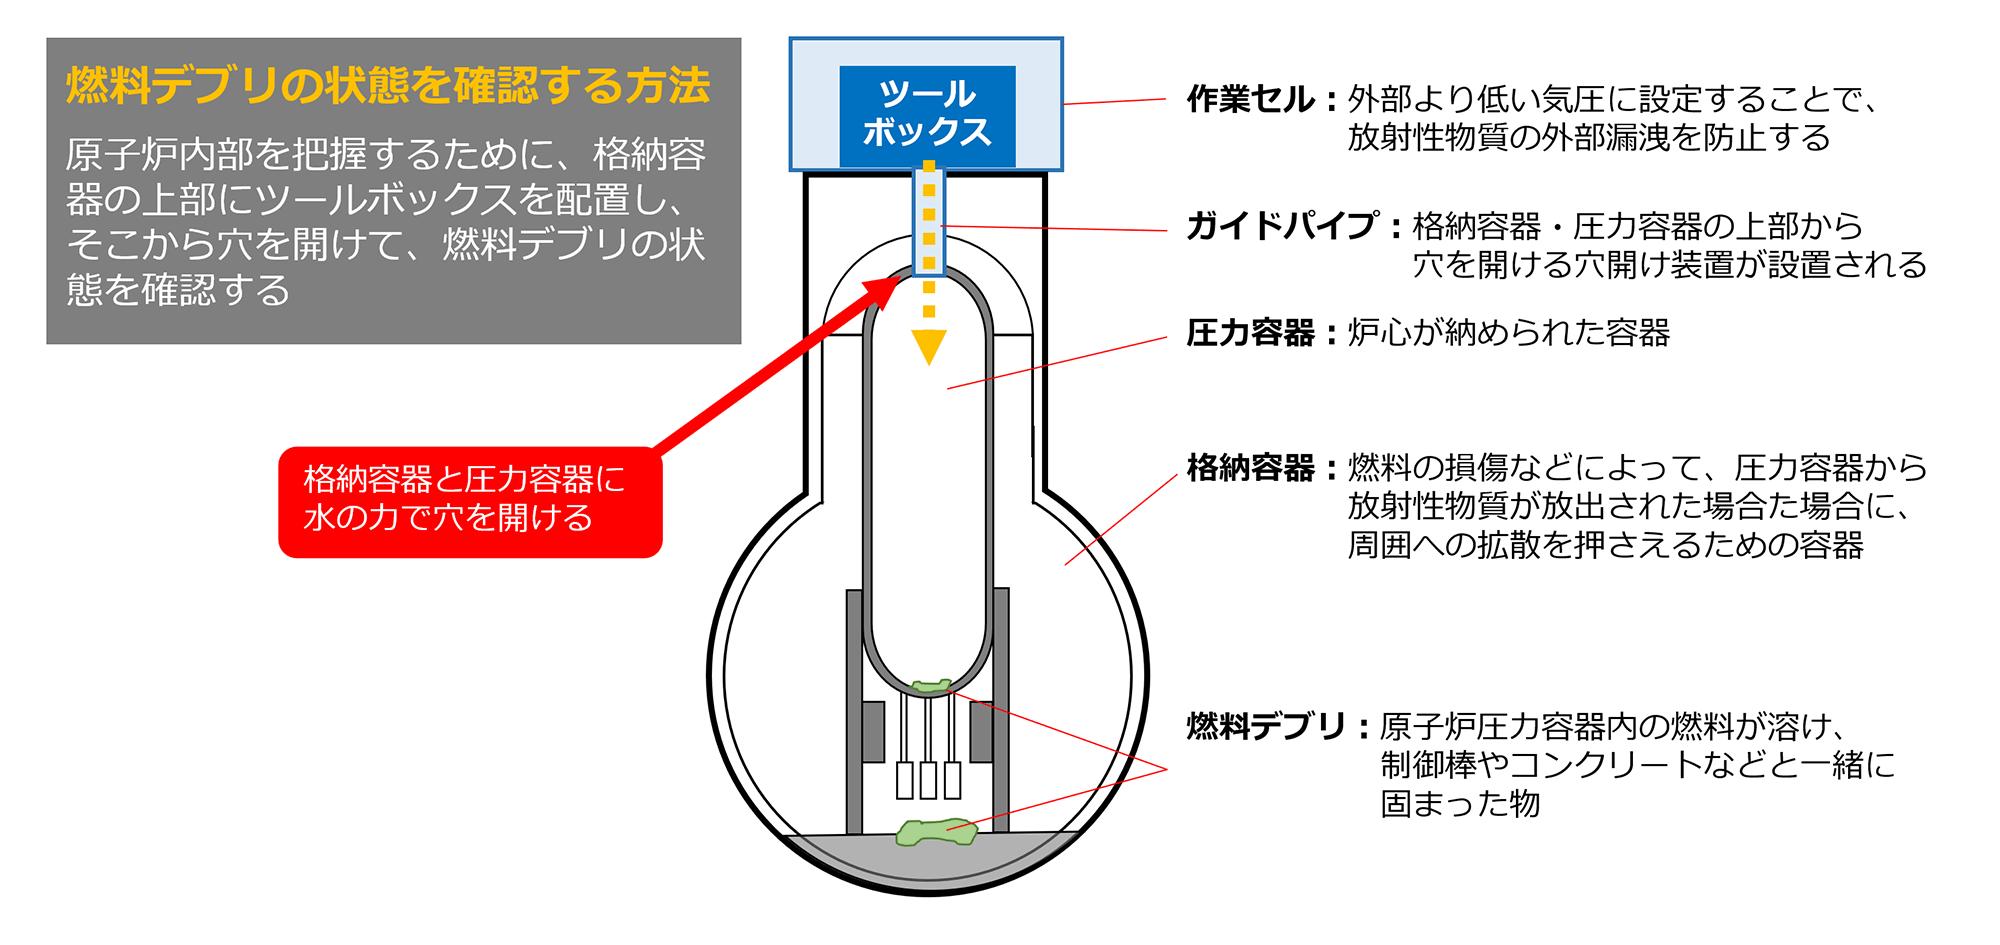 燃料デブリ状態確認方法の解説図